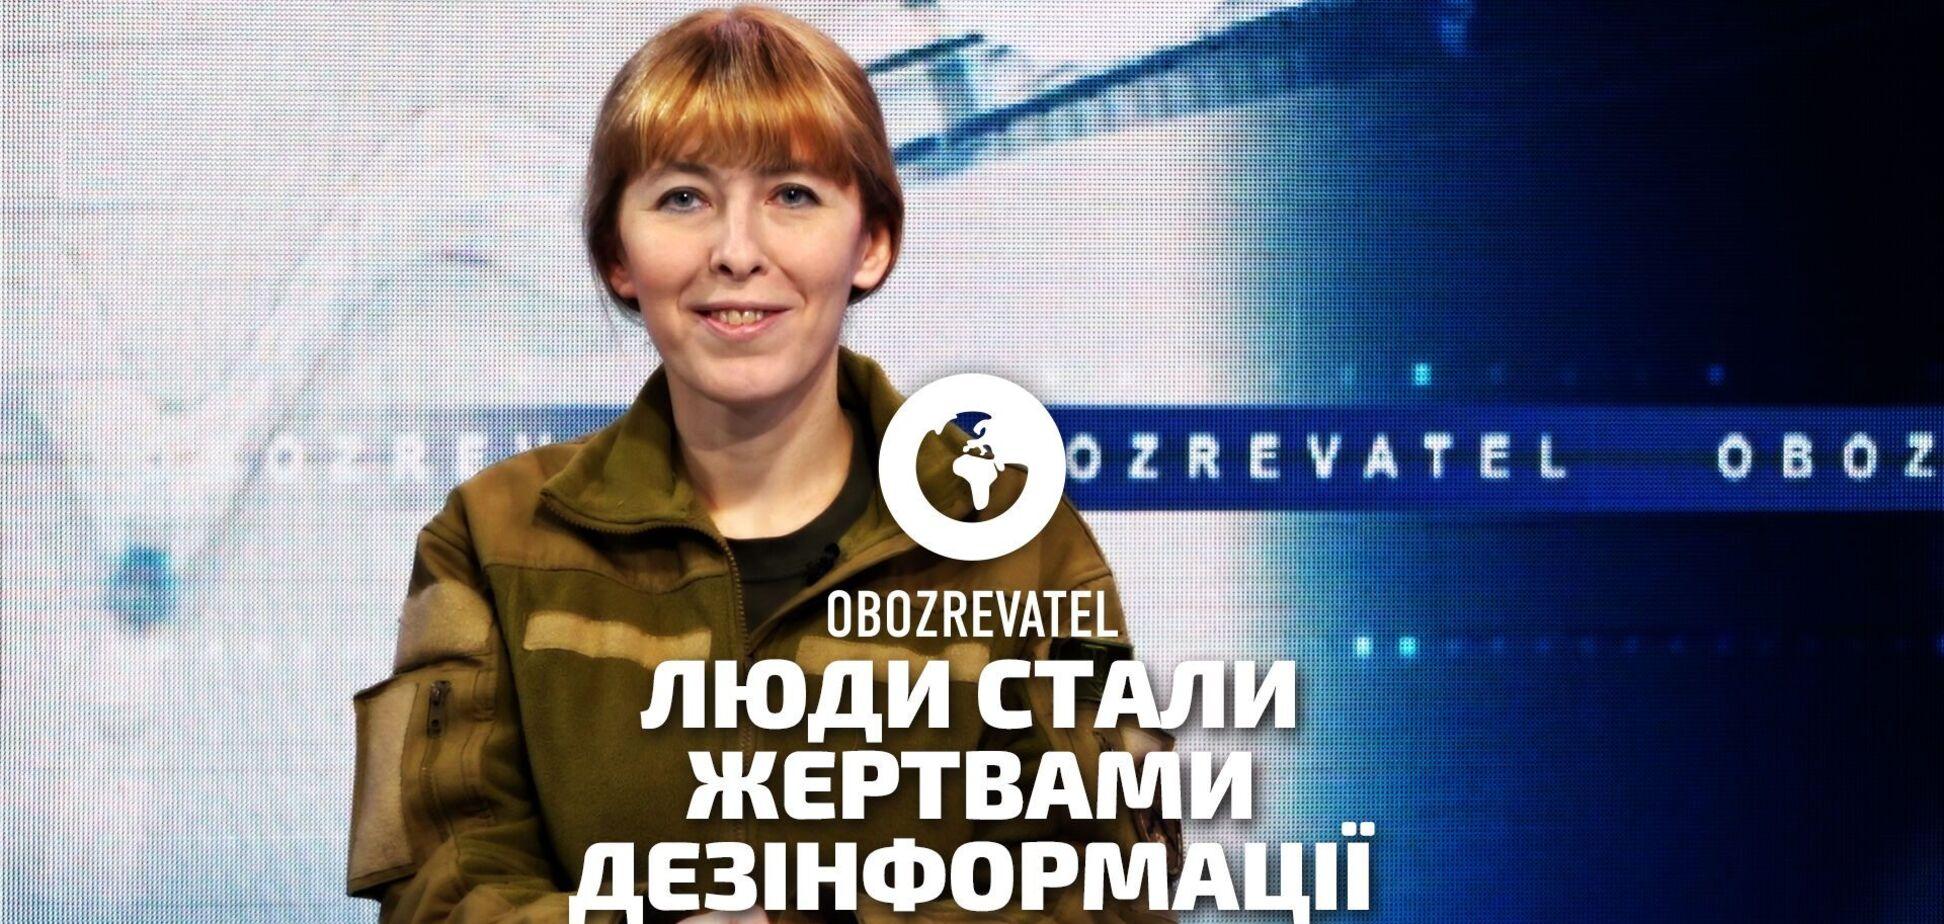 Вакцинація провалюється, бо люди стали жертвами дезінформації –ветеранка АТО Олена Білозерська